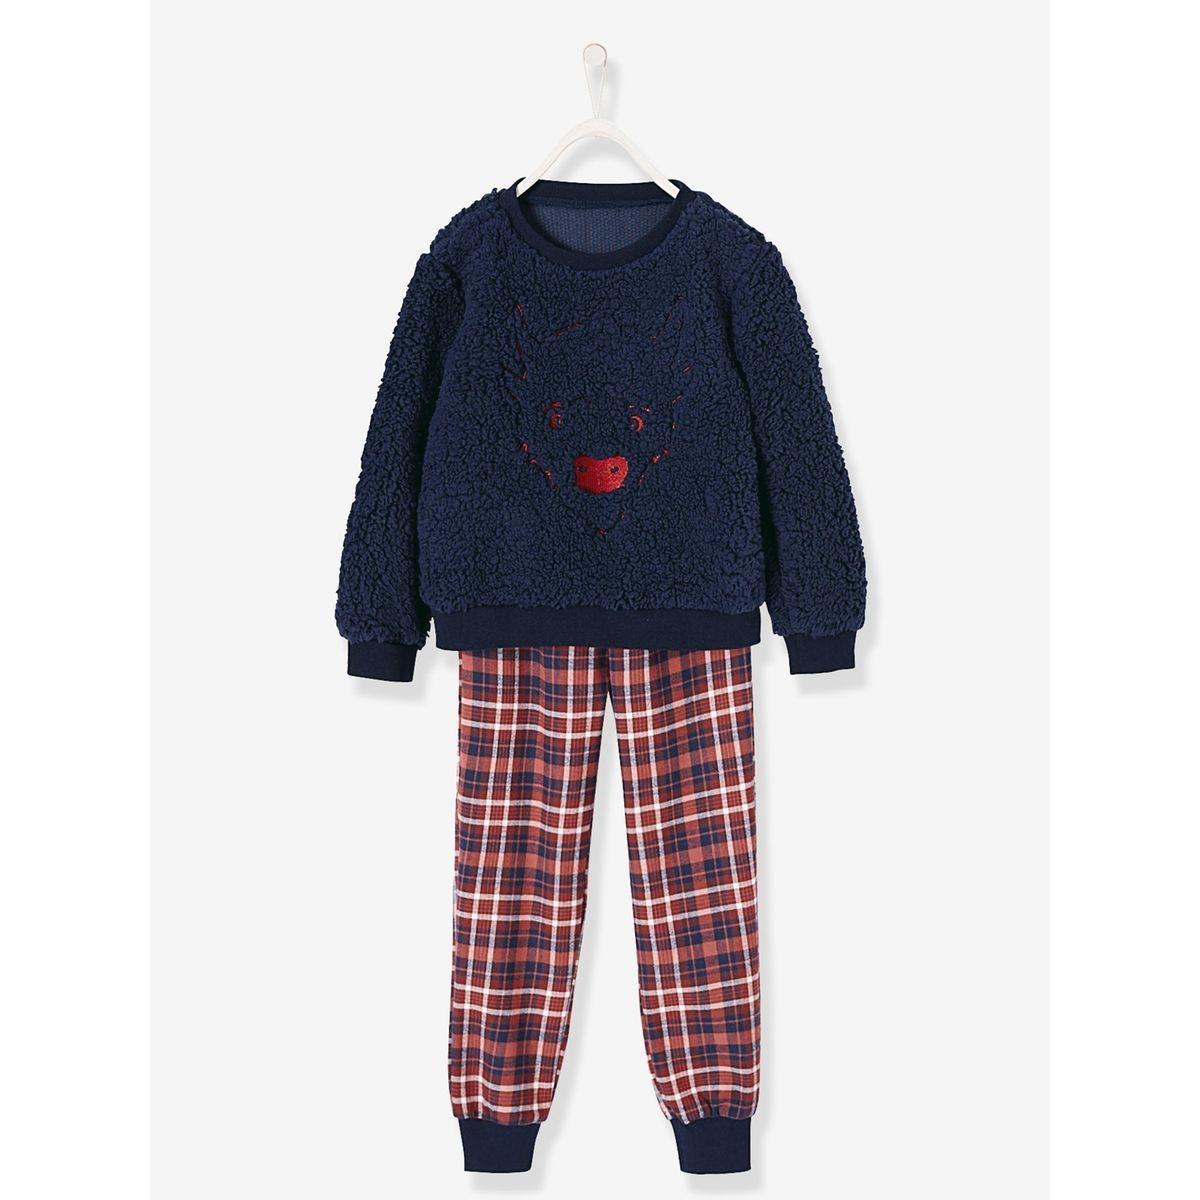 Pyjama bi-matière garçon bison brodé